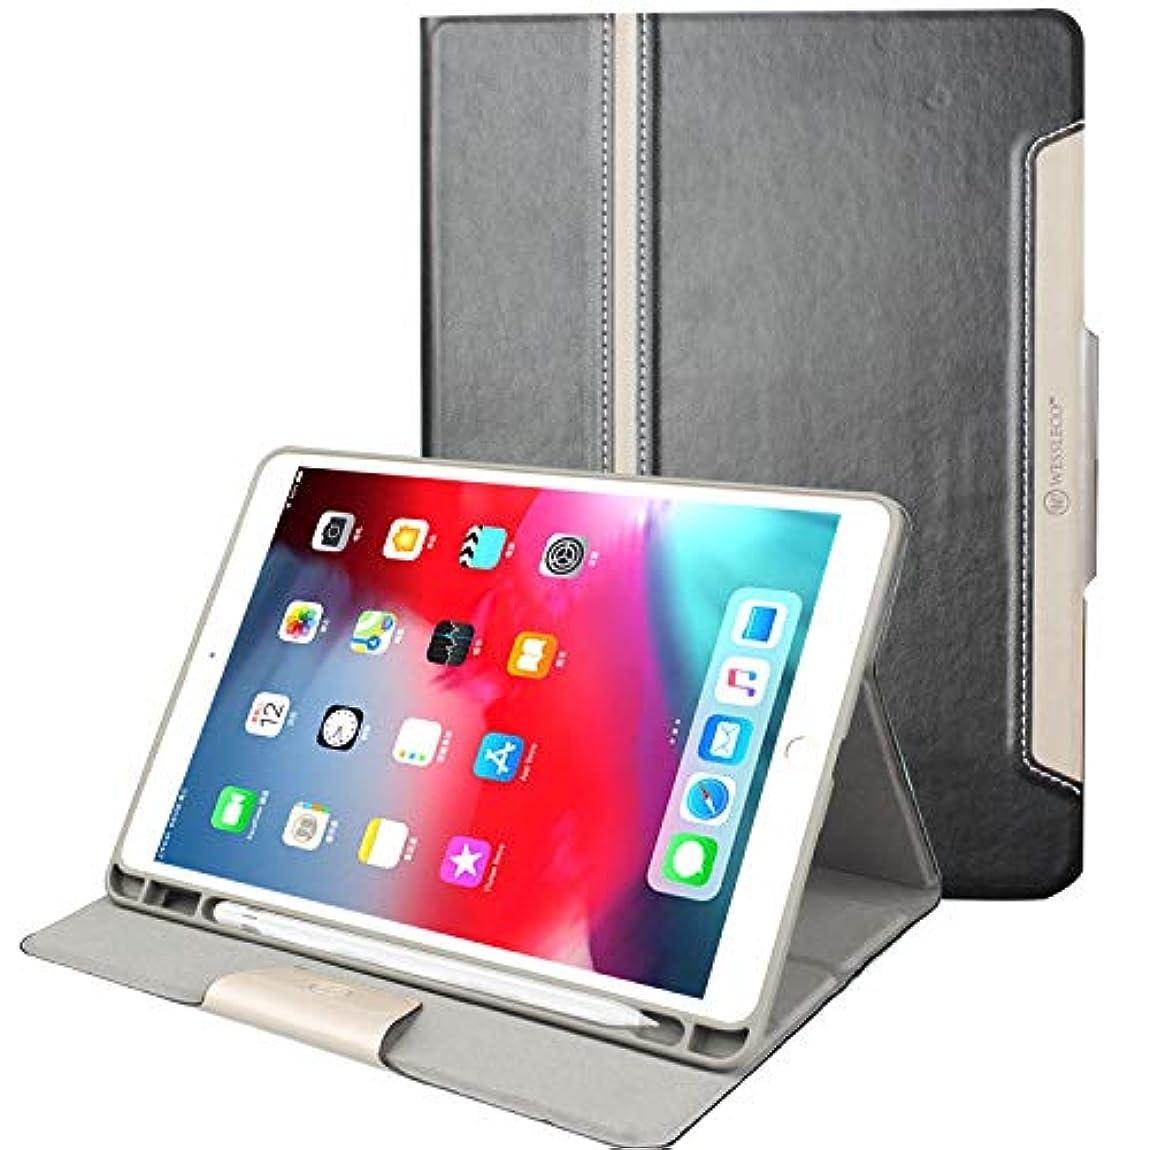 更新する微弱一人でFIREDOG Wessleco iPad Pro 10.5インチ用ケース / iPad Air 3ケース ペンシルホルダー付き PUレザー フォリオ スリム ハードバック 10.5インチiPad Pro 2017 / Apple 第3世代 iPad Air 2019用, マルチカラー, CL98 for IPad Air 3 Case